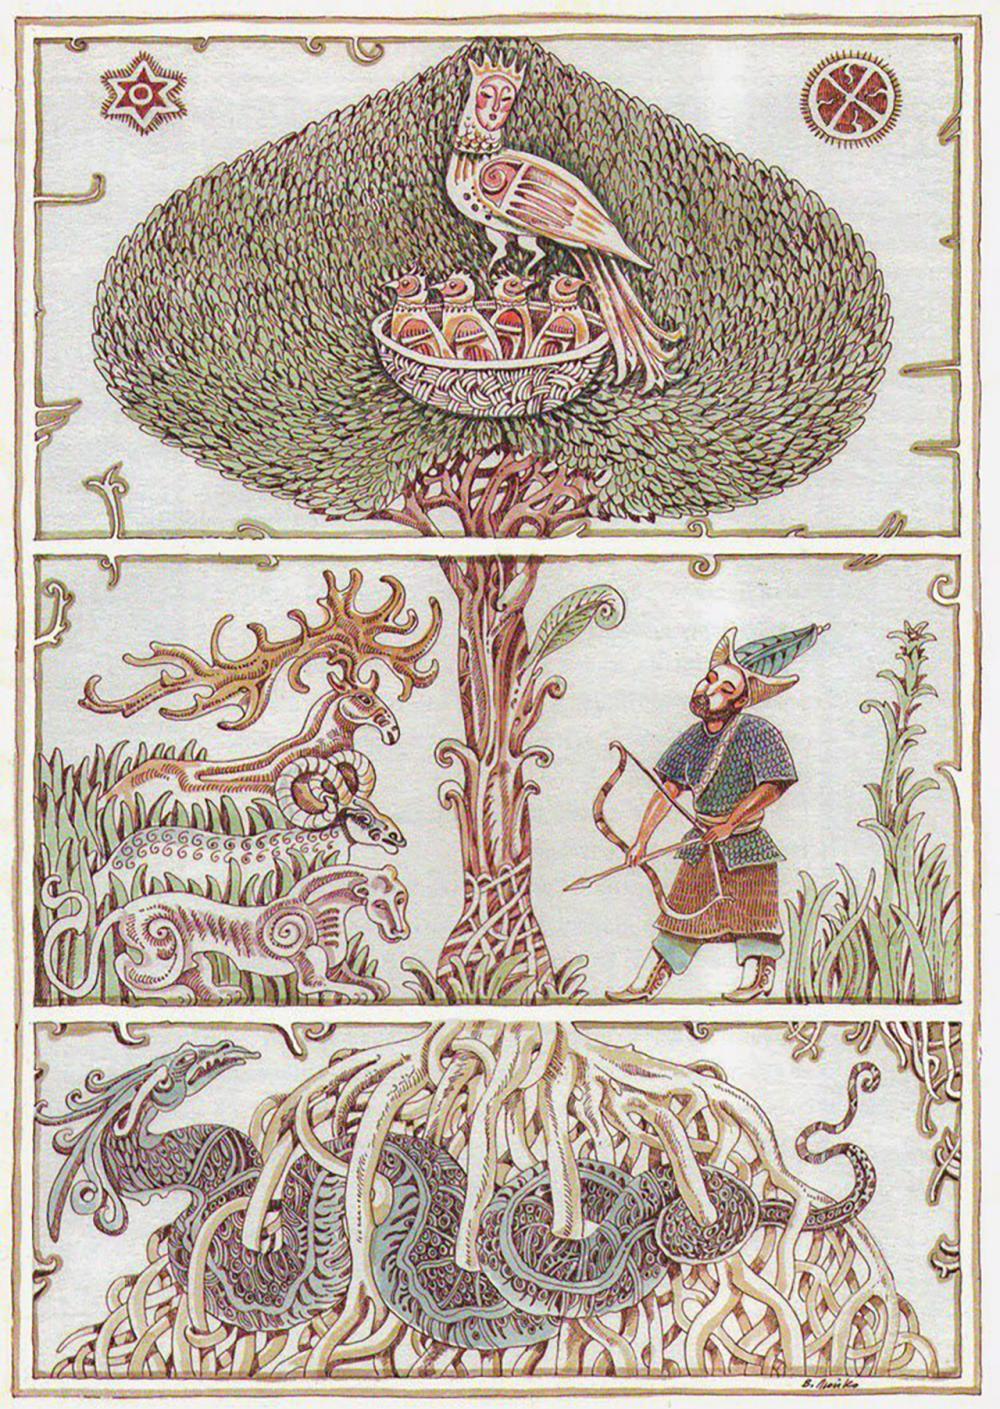 นกซิเมิร์กทำรังบนต้นไม้แห่งชีวิต ช่วงลำต้นคือโลกมนุษย์ ด้านล่างสุดคือใต้พิภพ.